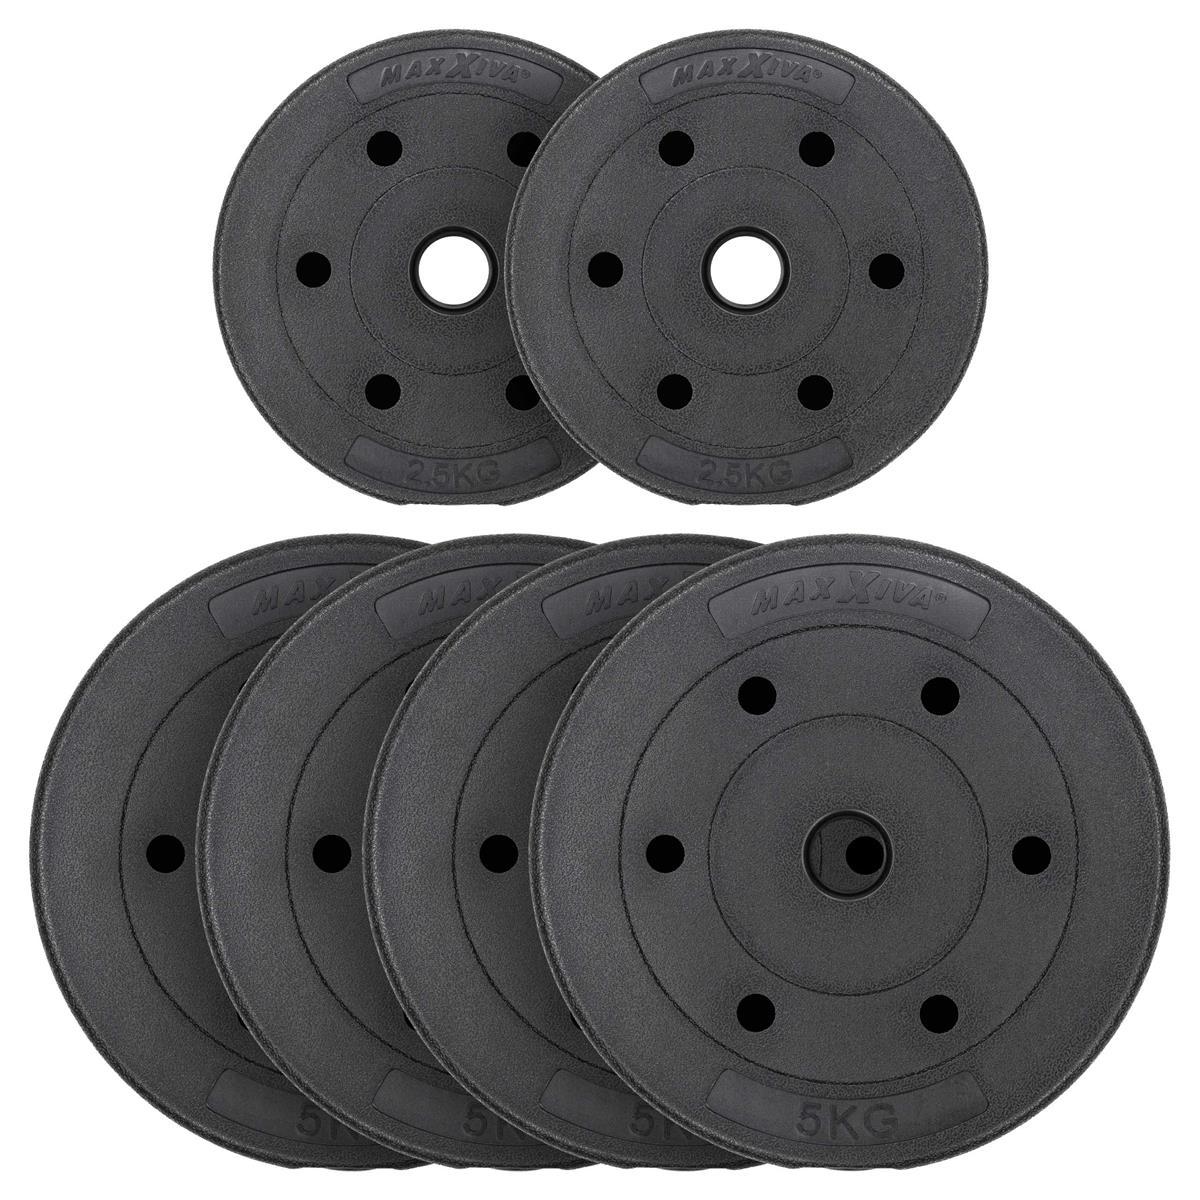 MAXXIVA Hantelscheiben Set Zement 25 kg 6 Gewichte schwarz Gewichtsscheiben